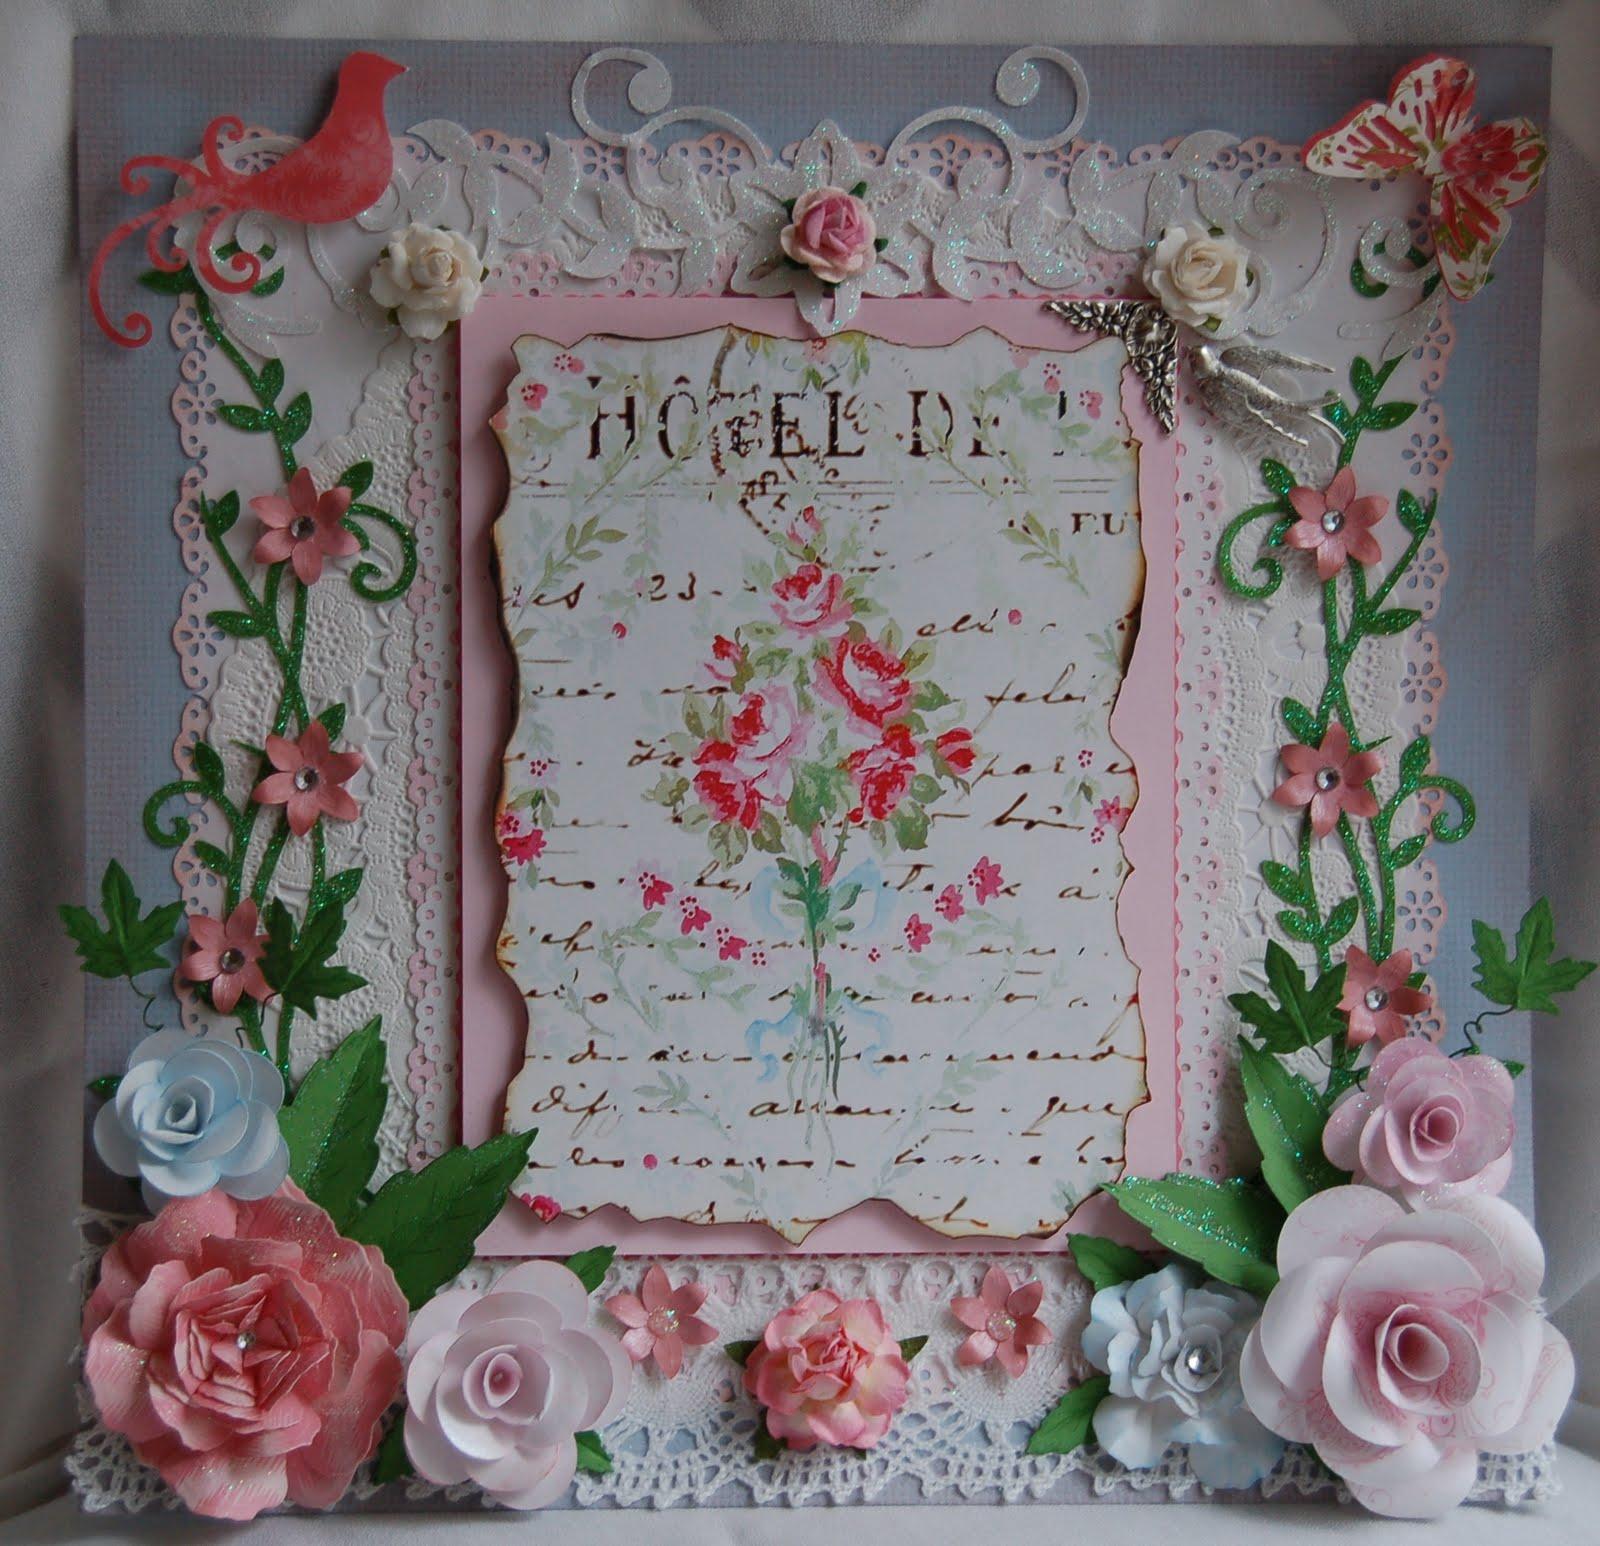 Treasured Paper Art: Shabby Chic Scrapbook Layout